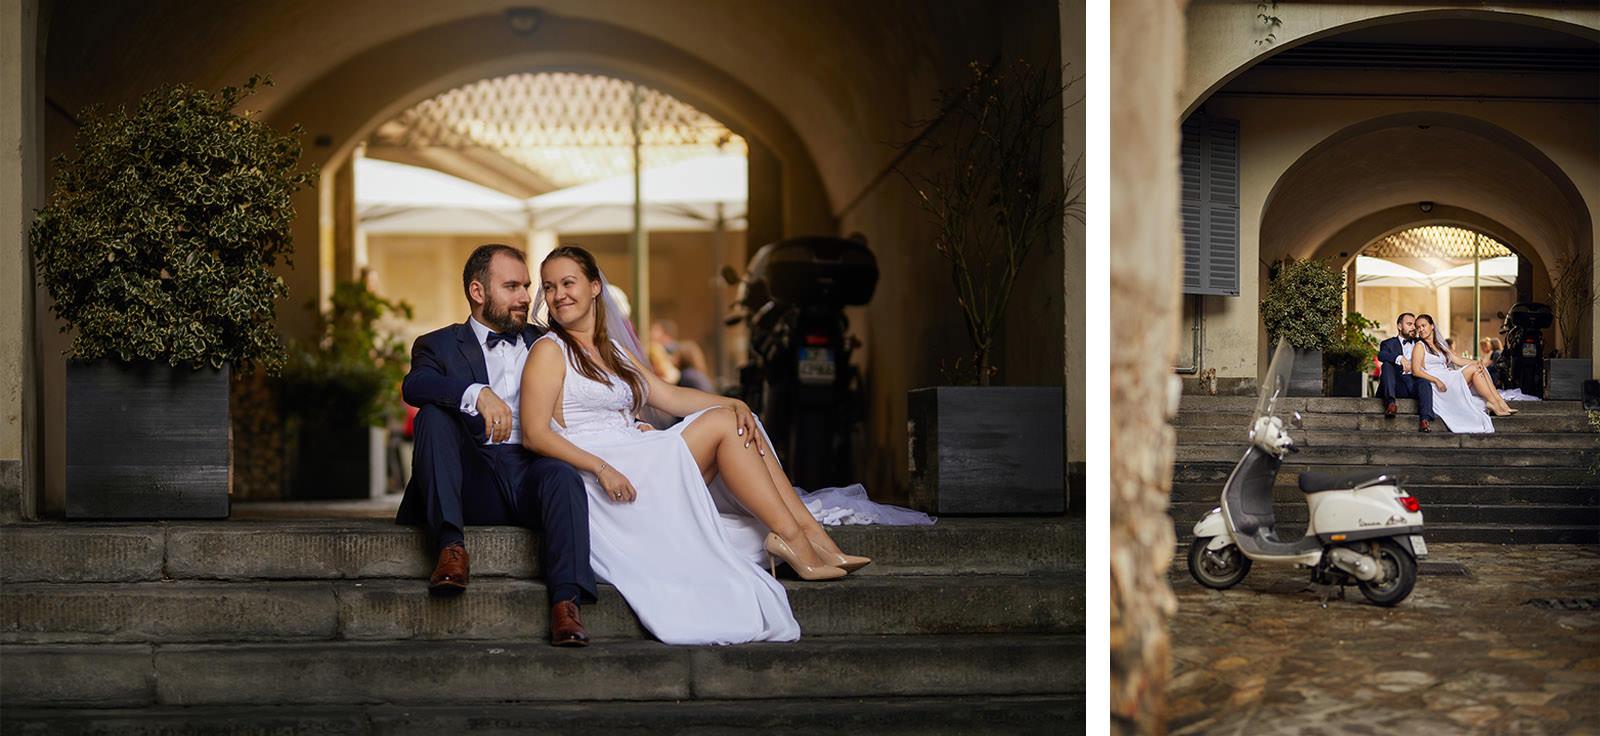 romantyczna sesja ślubna we Włoszech